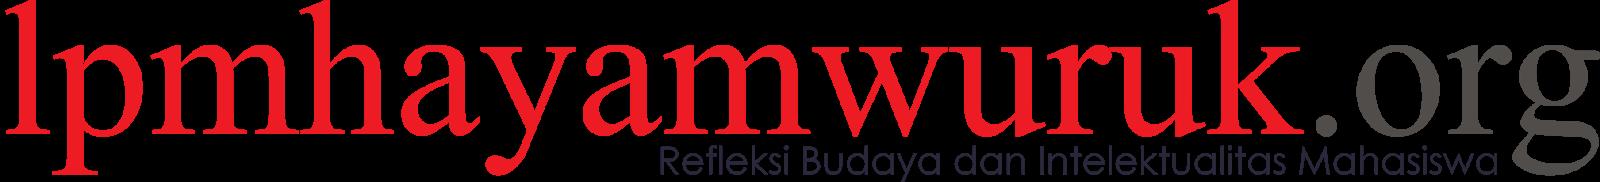 LPM Hayamwuruk